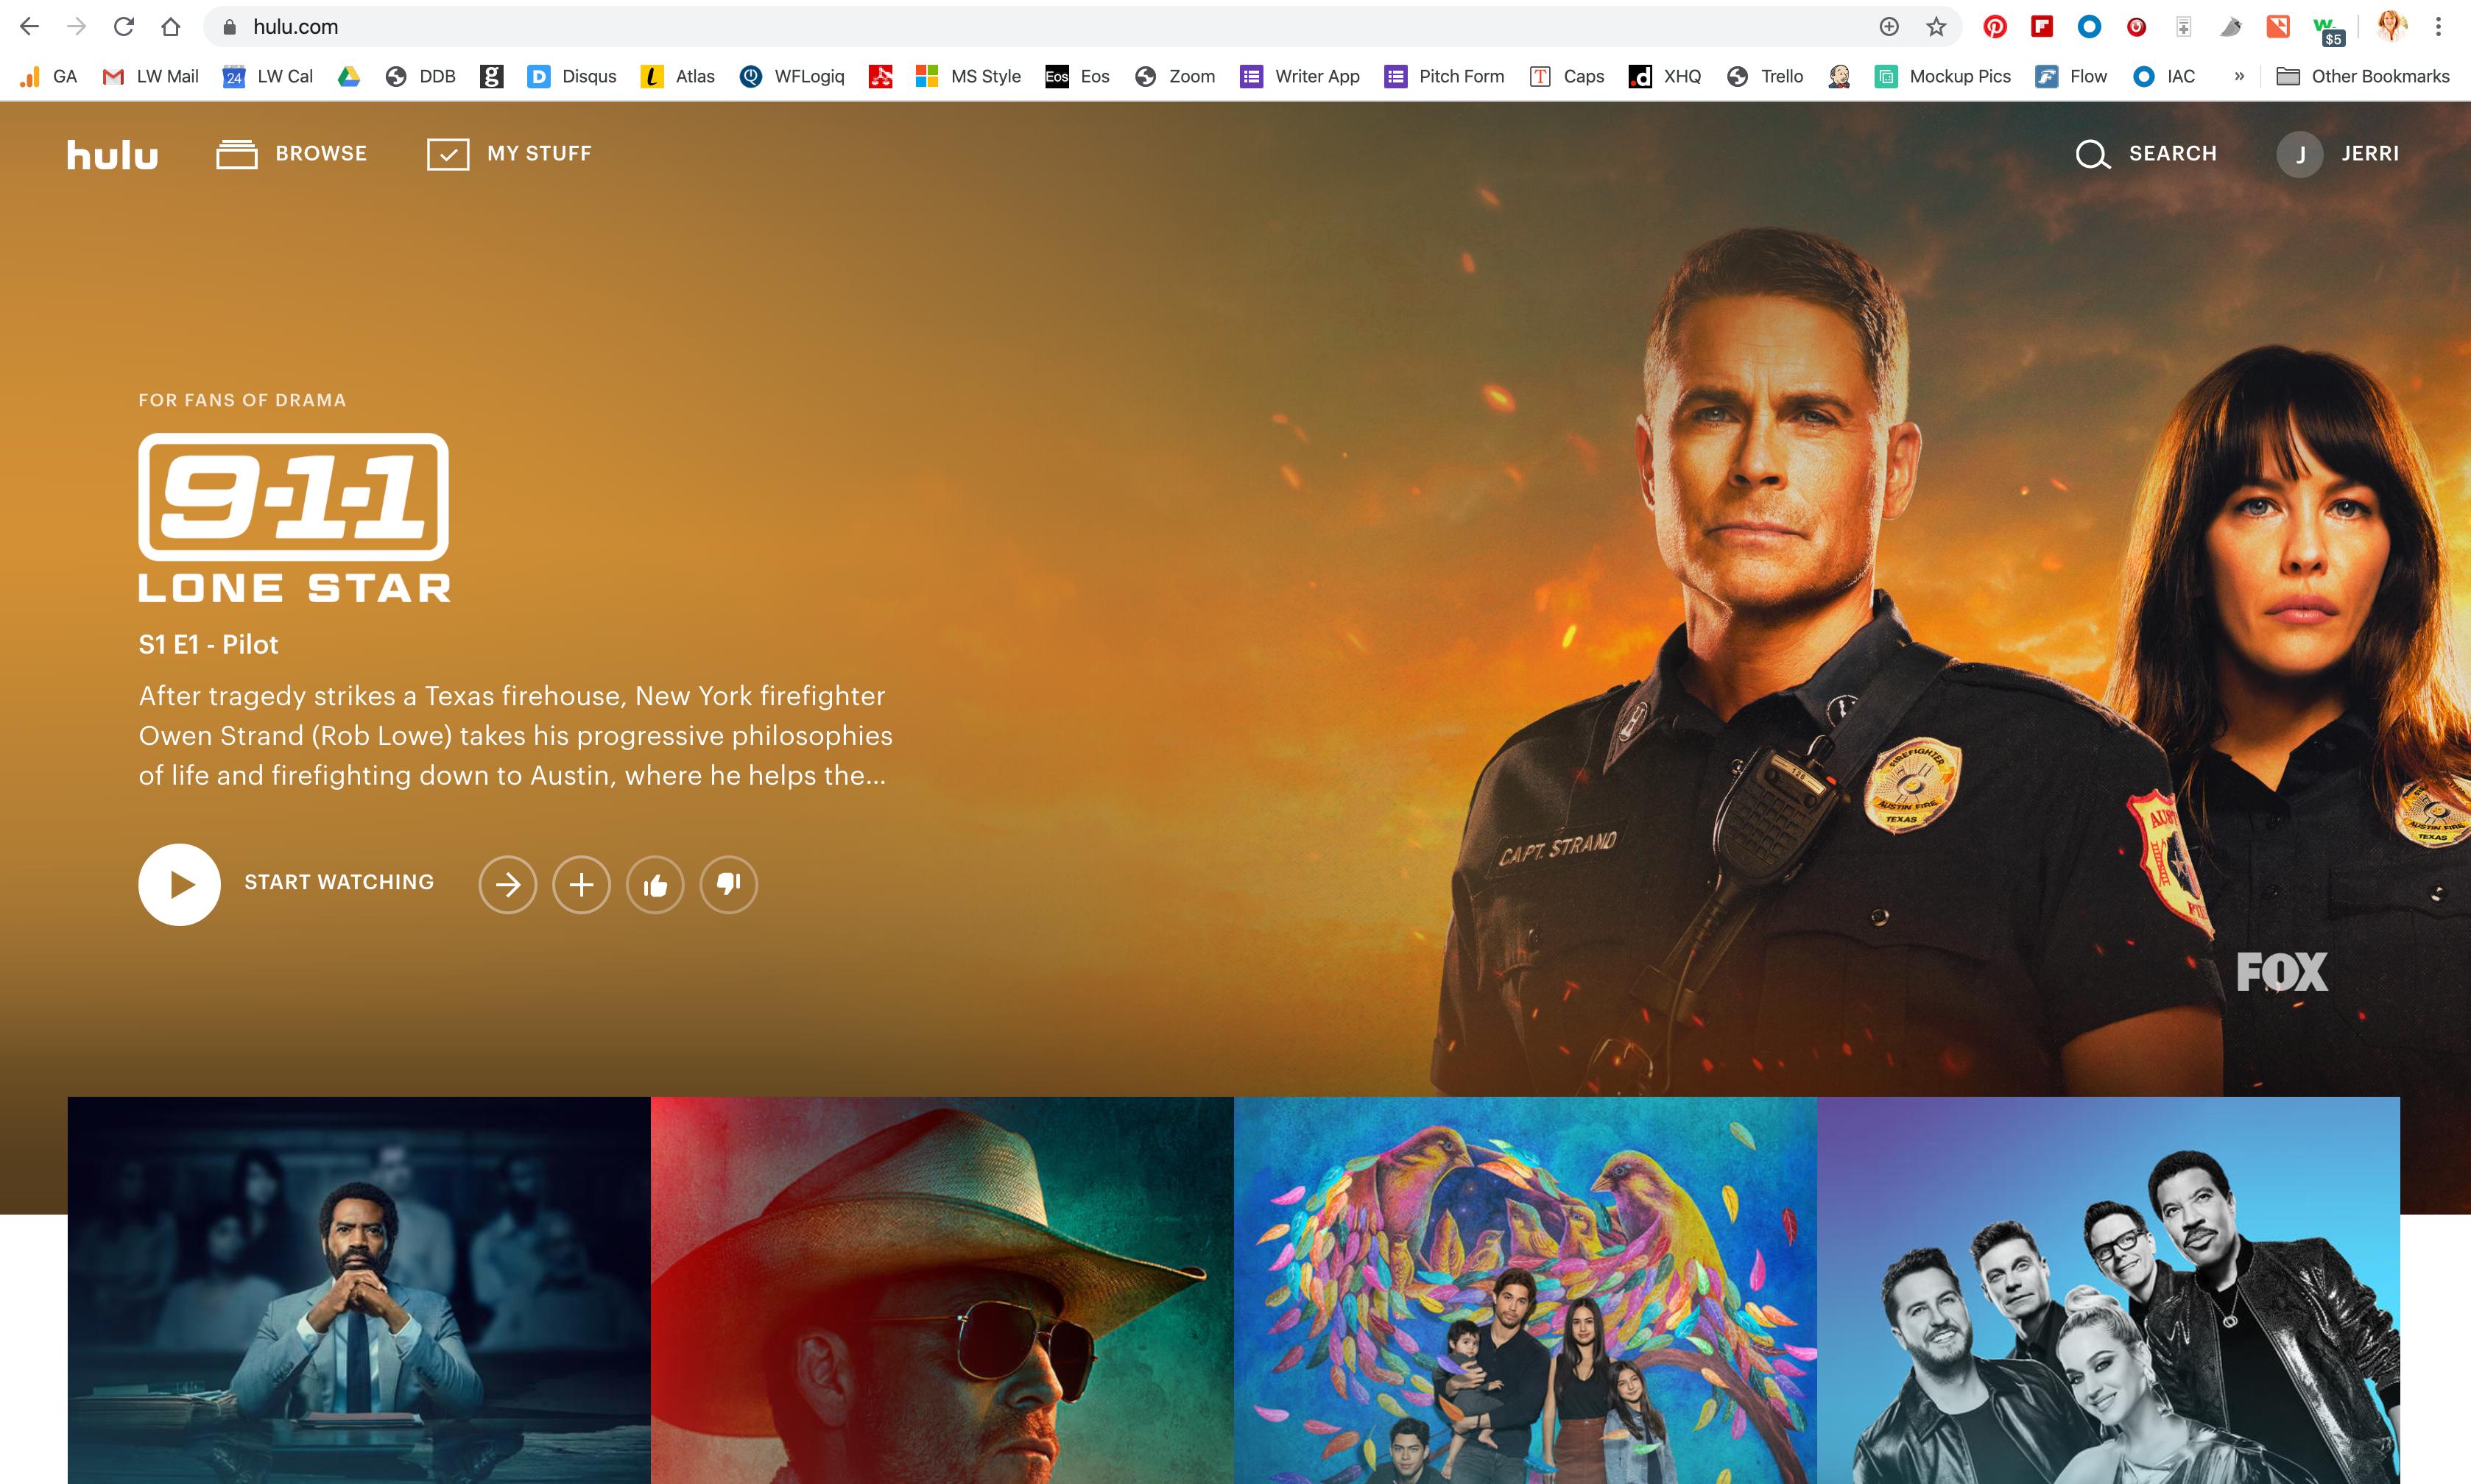 A screenshot of the Hulu welcome screen.